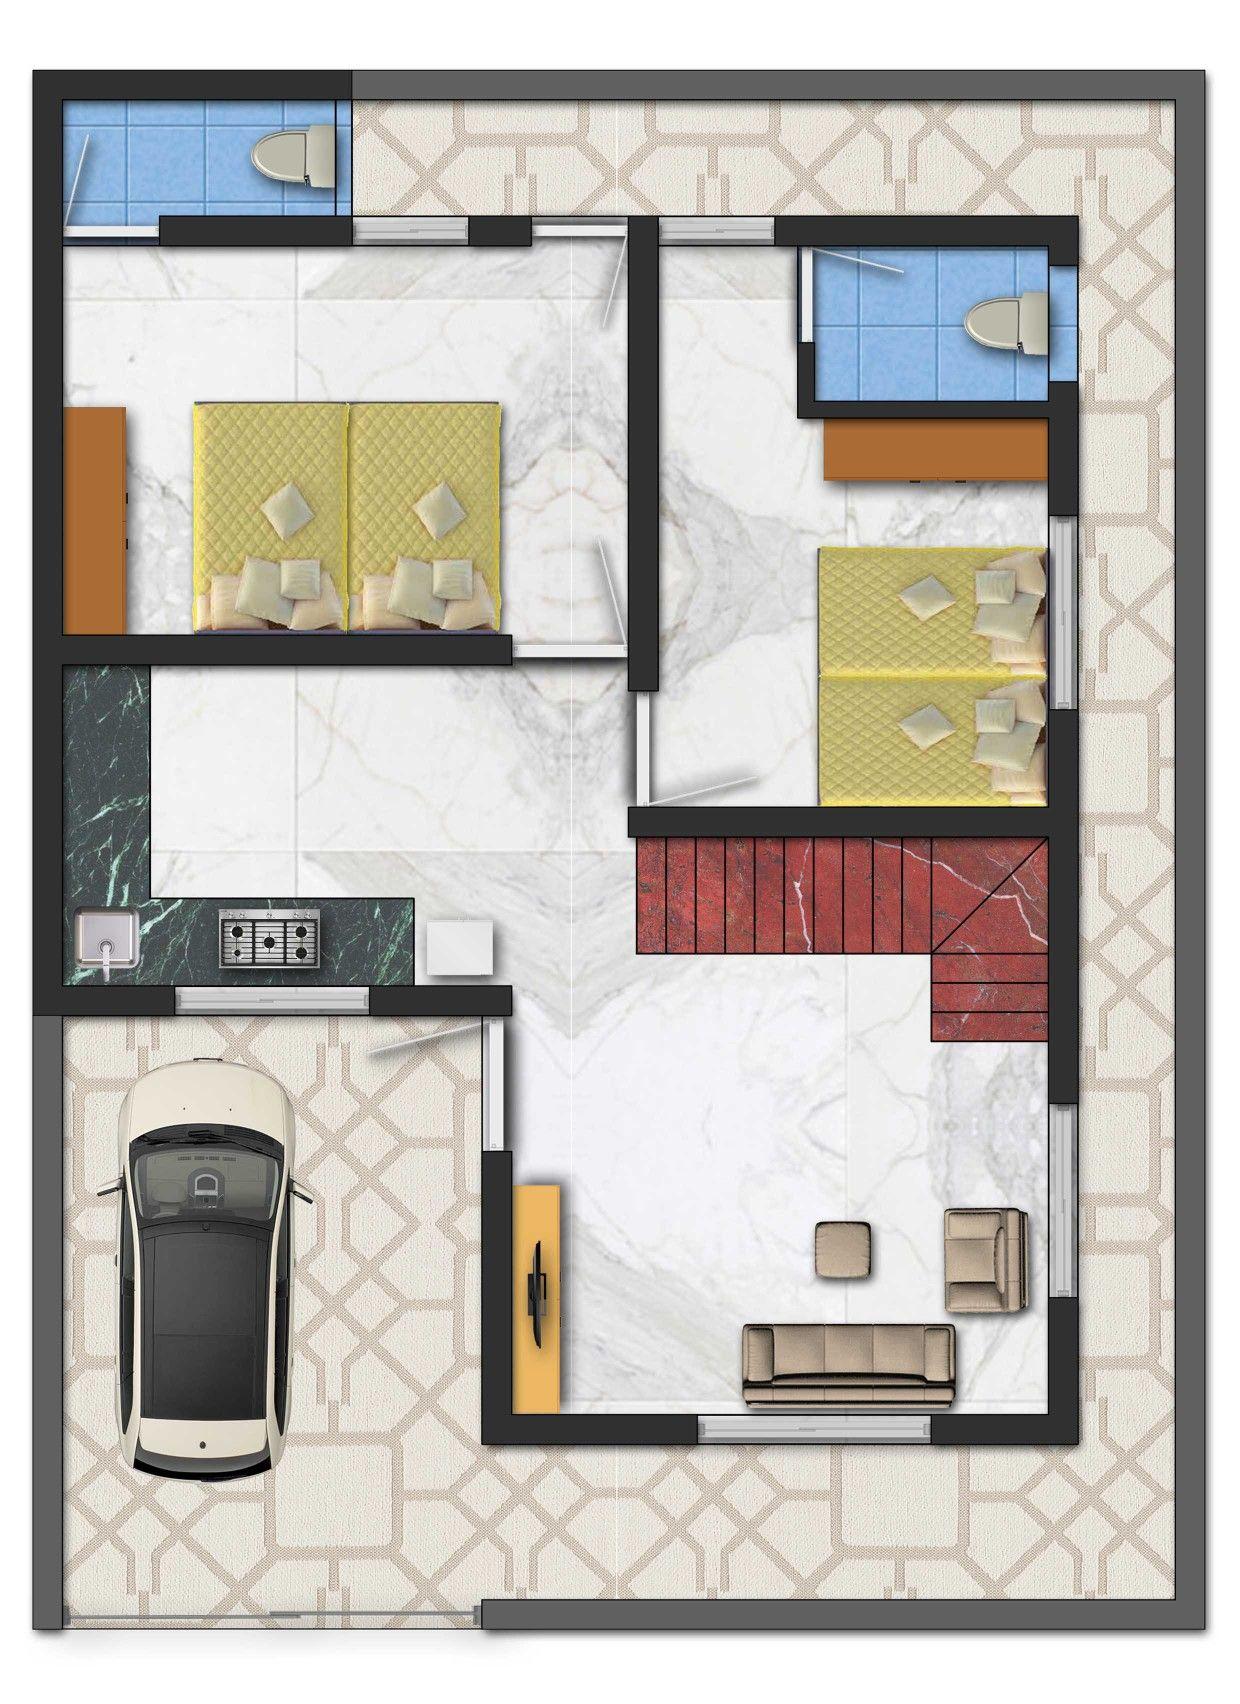 30 X 40 1200 sq ft 3D Floor Plan